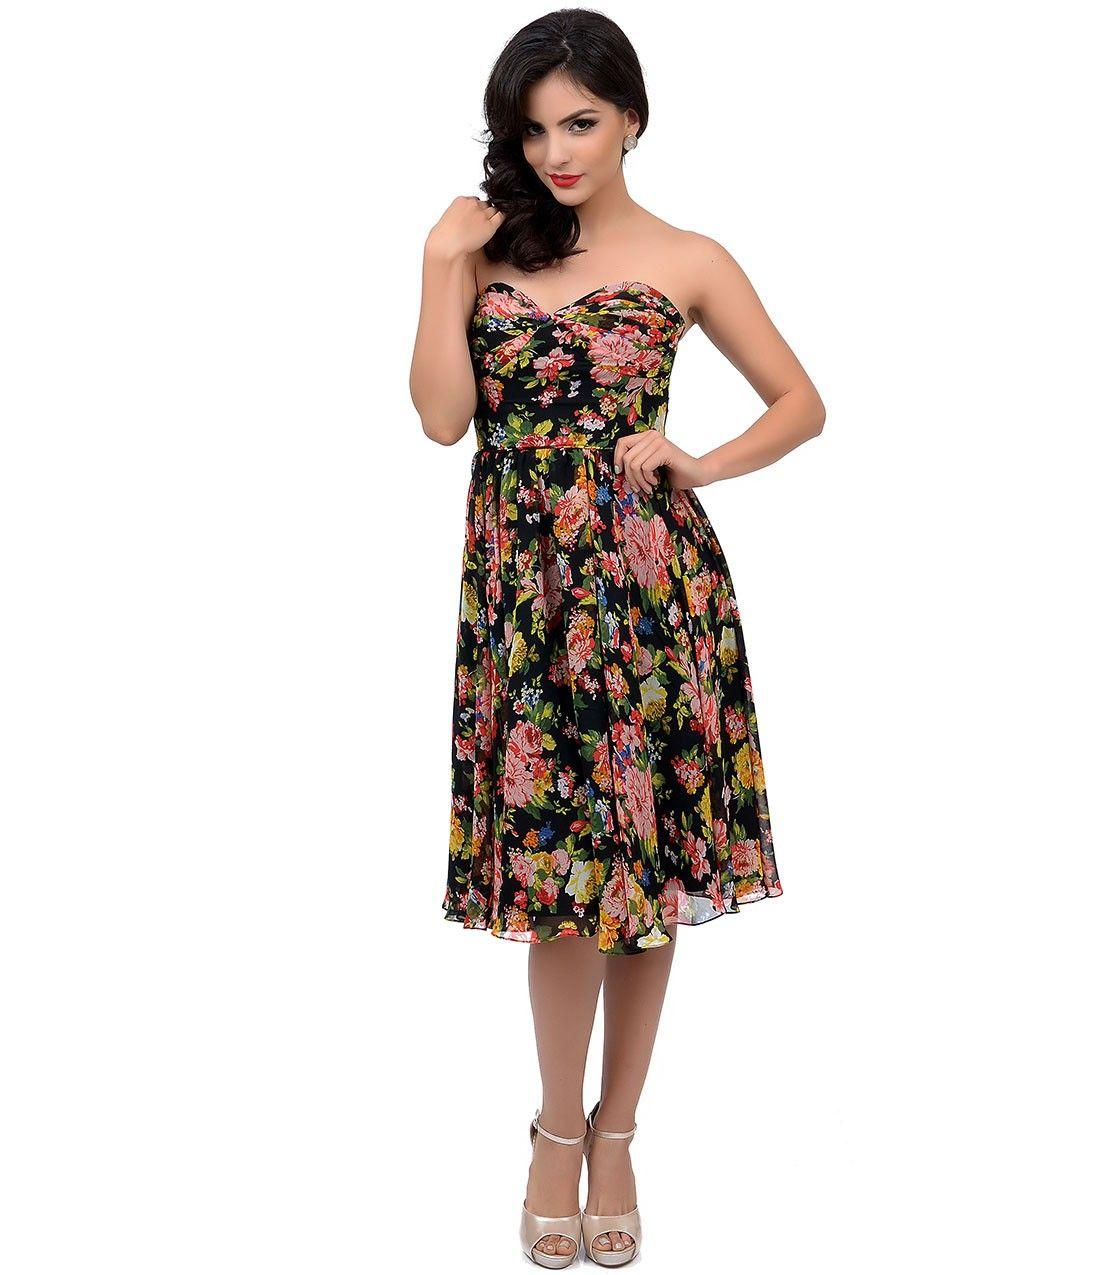 Unique Vintage 1950s Style Black Floral Dandridge Strapless Chiffon Swing Dress